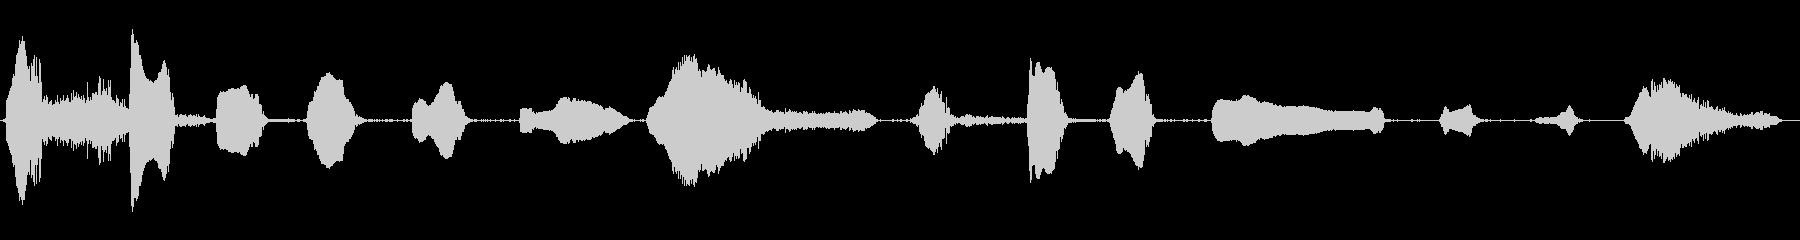 ハード女性笑い;ヴィンテージ録音;...の未再生の波形